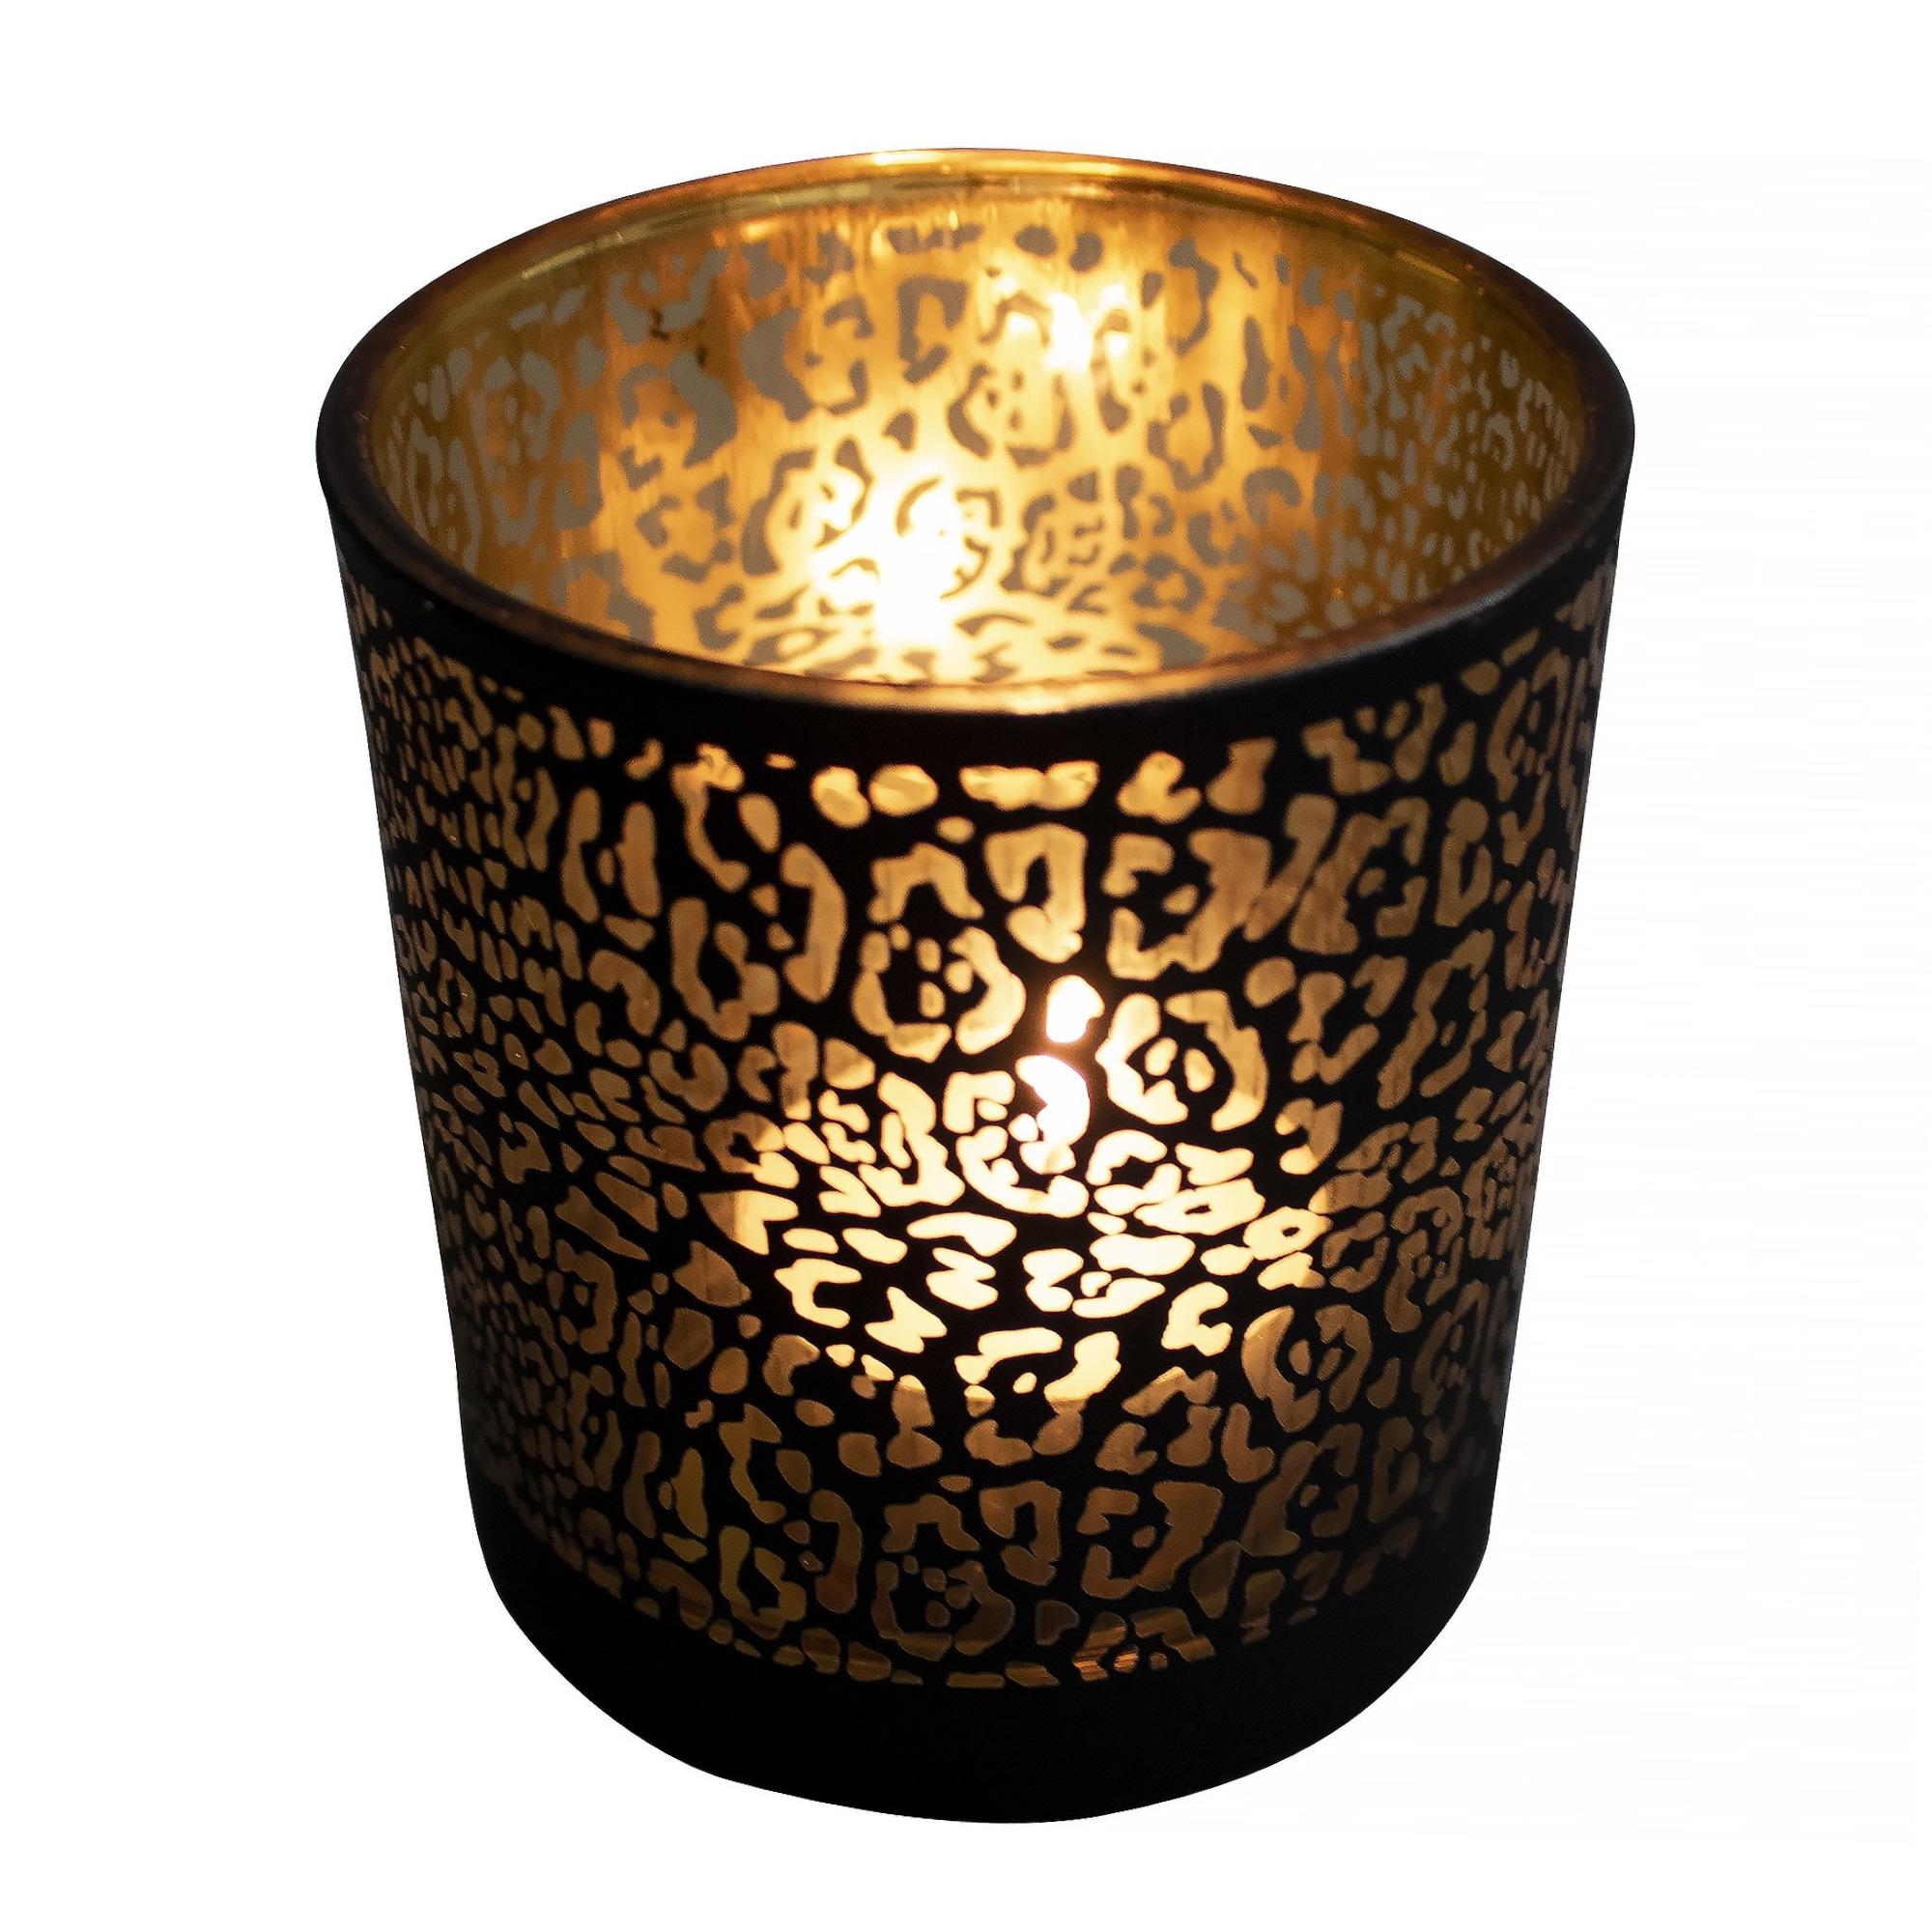 Theelichthouder-waxinelichthouder glas mat zwart 18 cm jaguar print